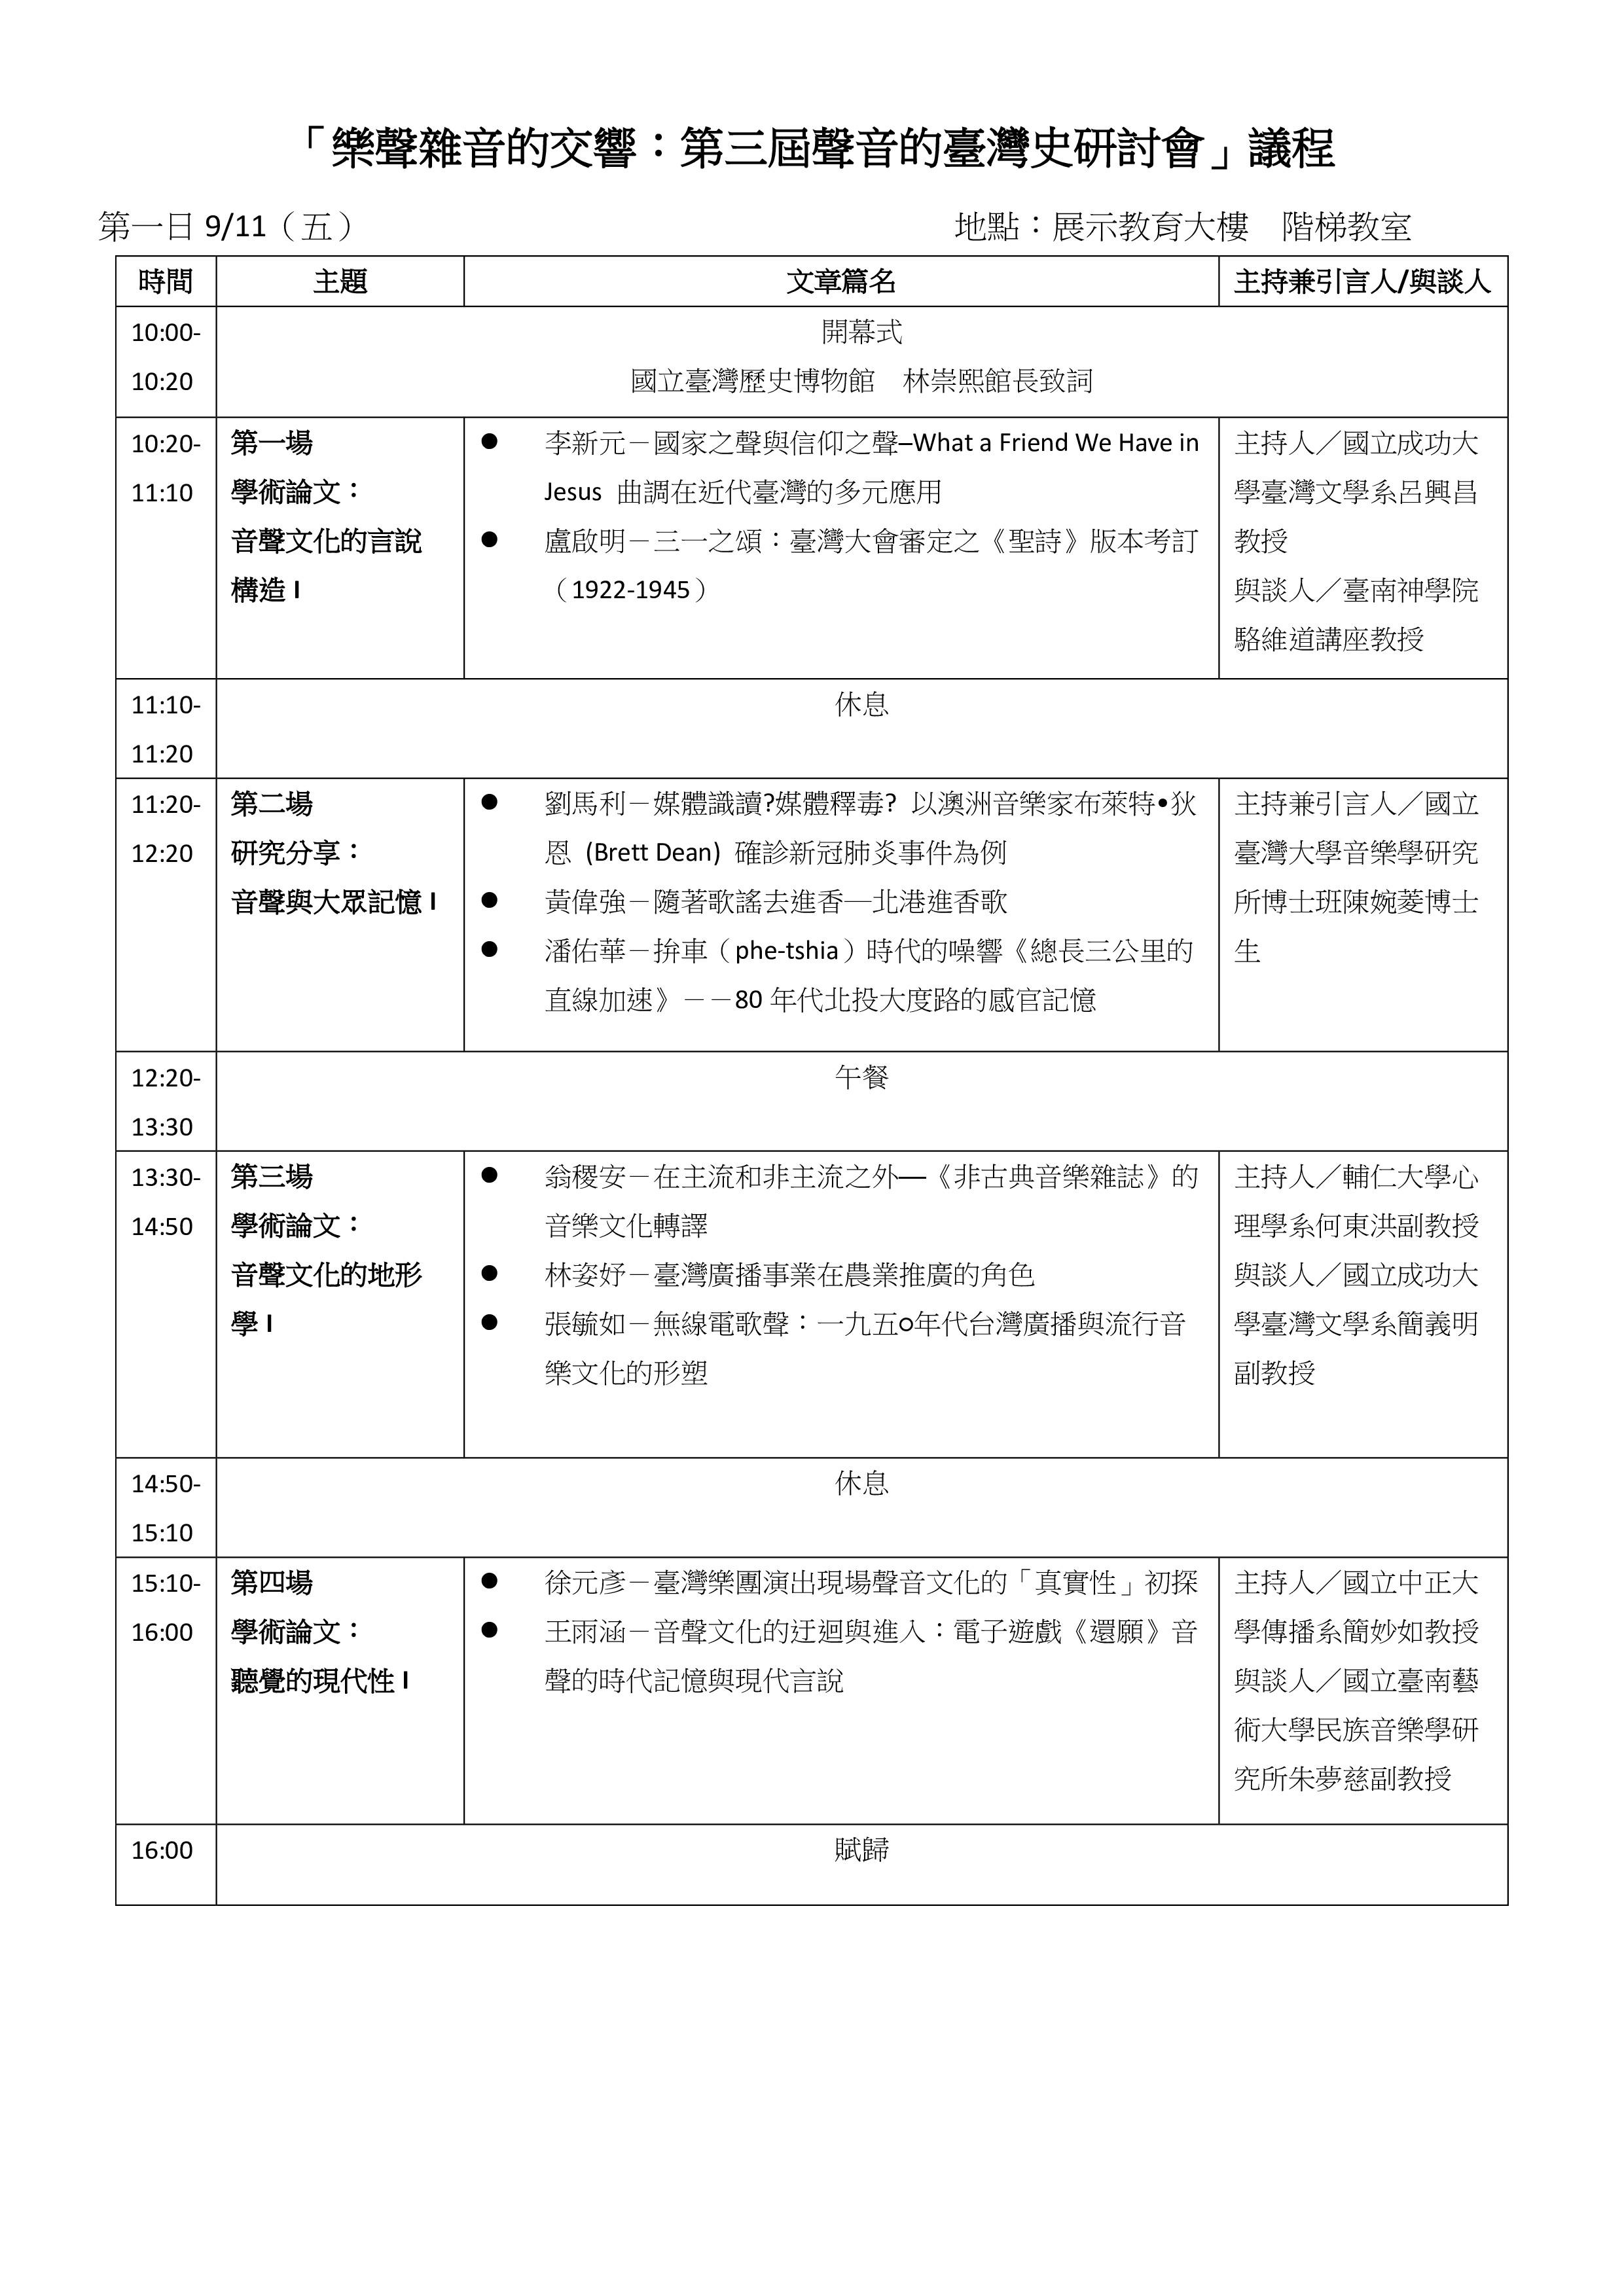 聲音的臺灣史研討會議程第一天